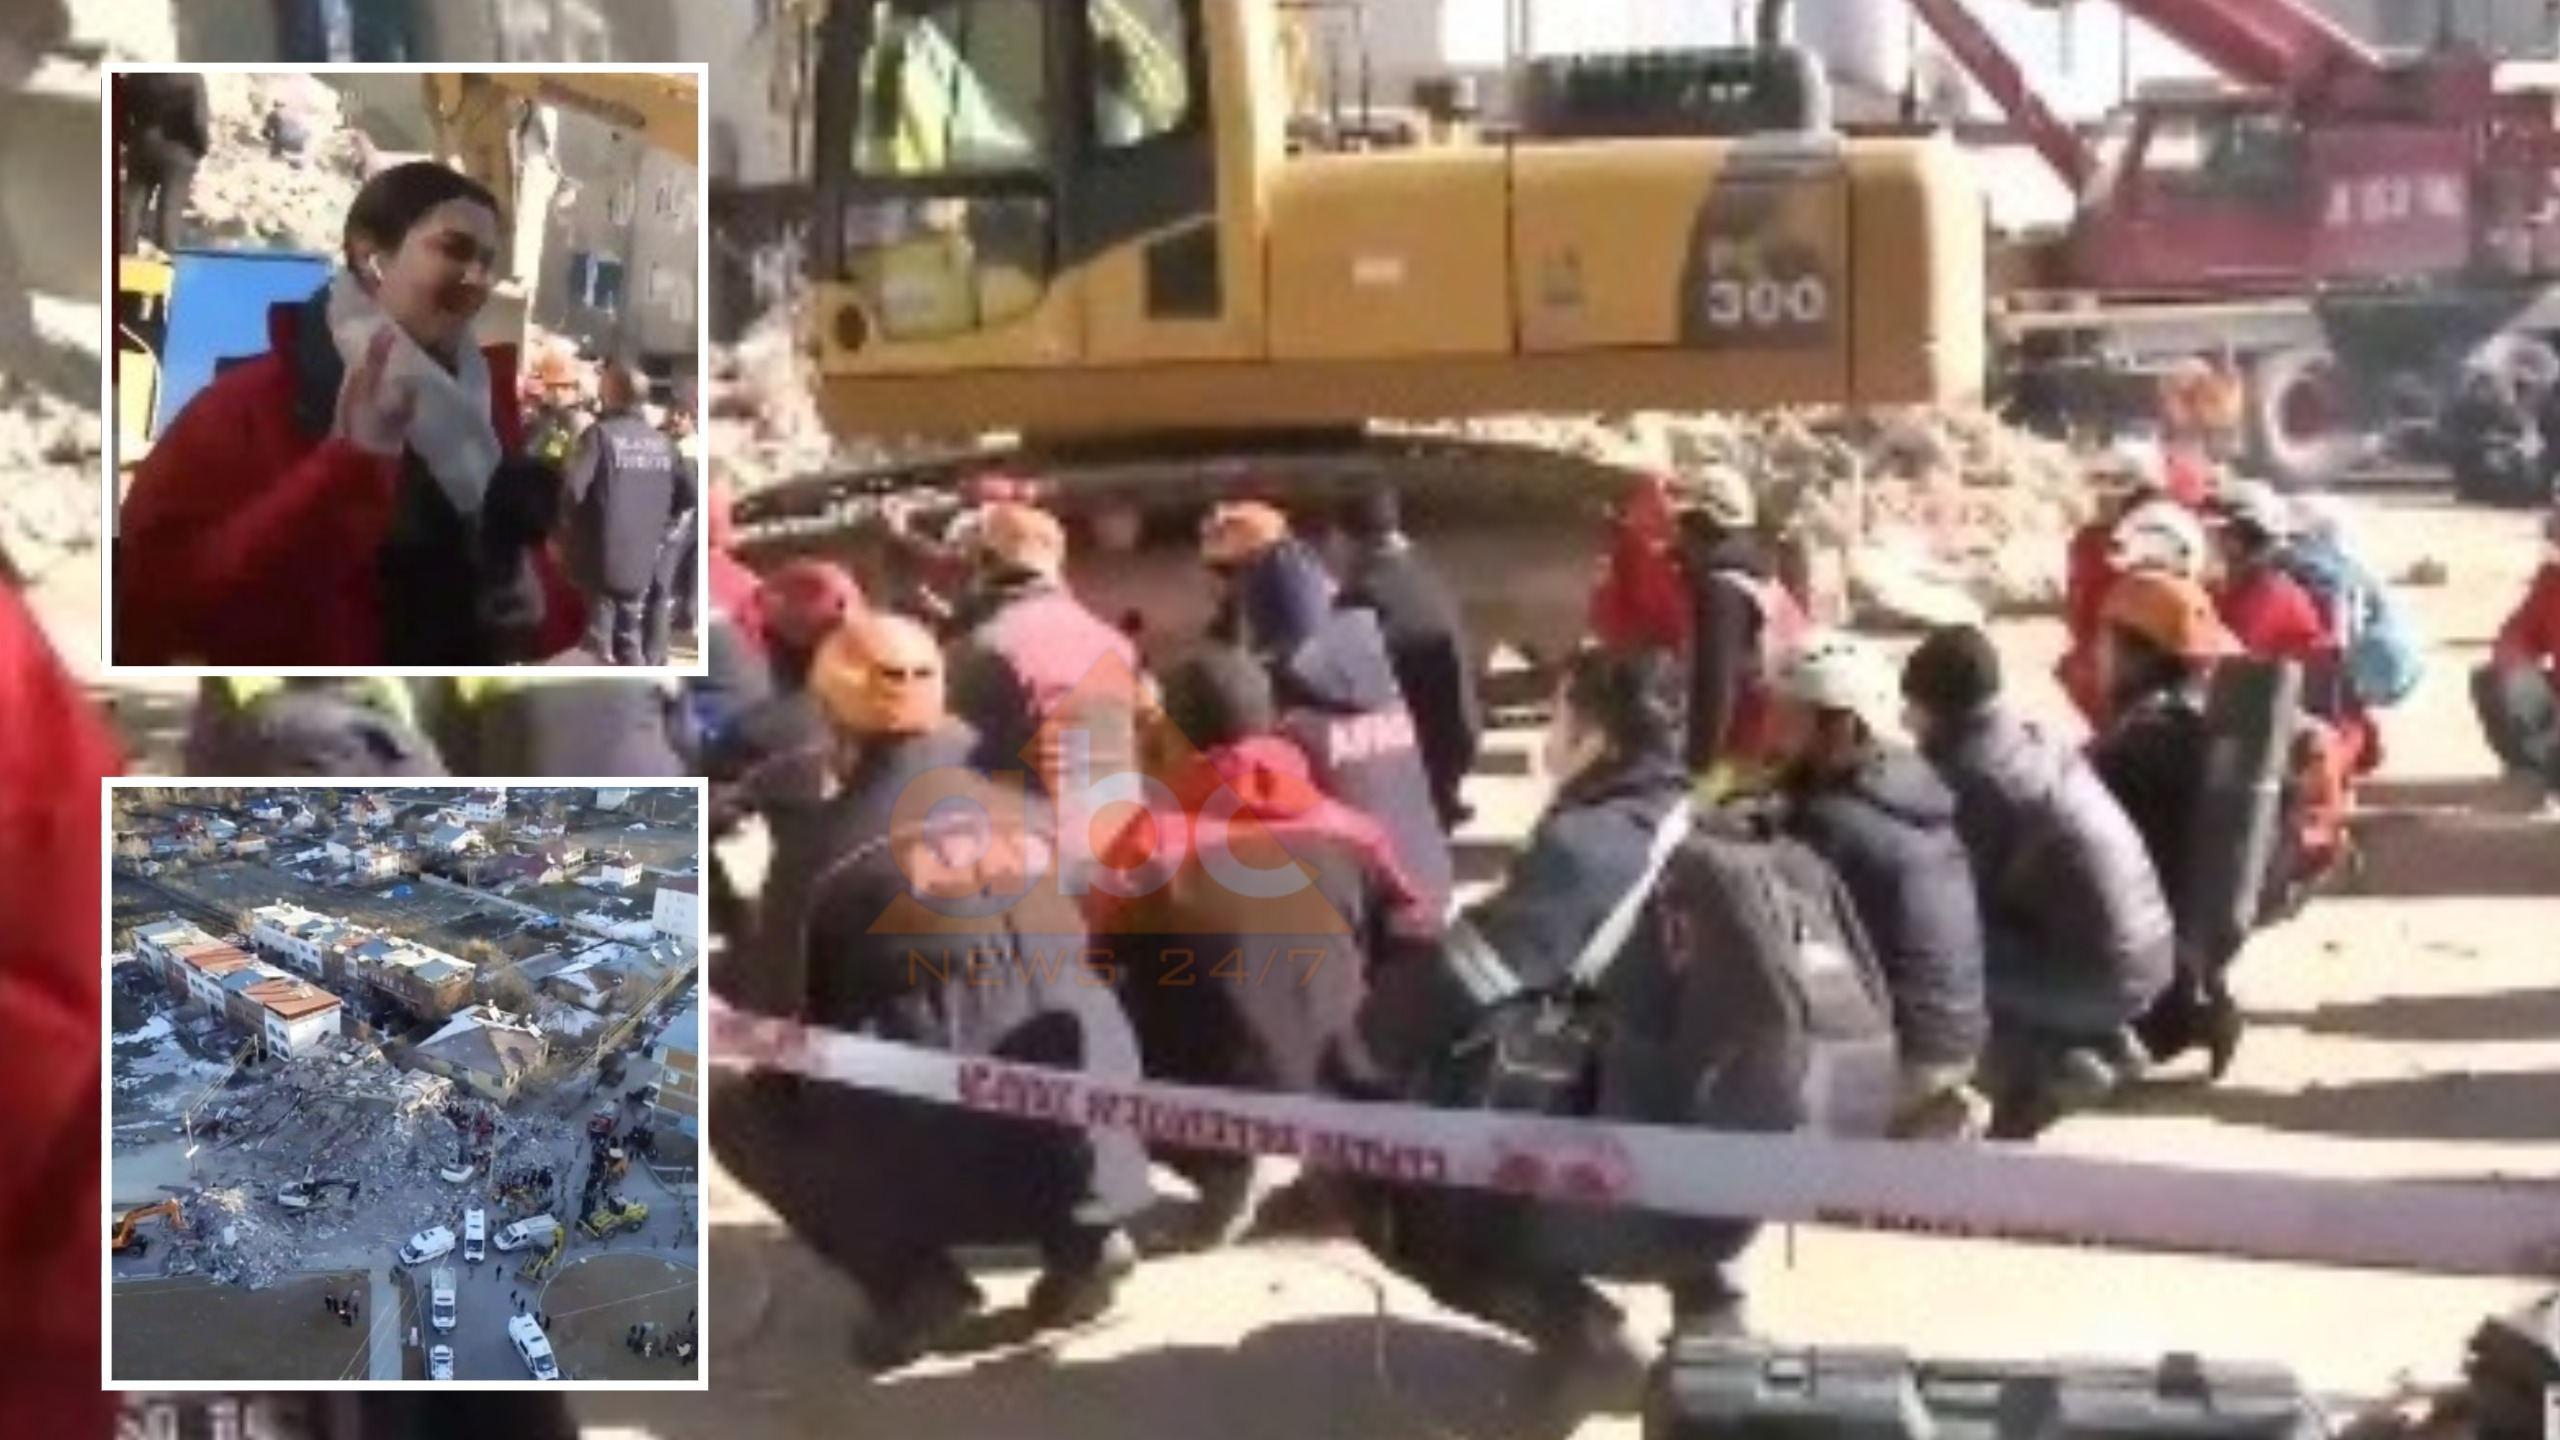 VIDEO/ Të gjithë presin ulur, gazetarja qan gjatë raportimit: Pamje dramatike nga Turqia